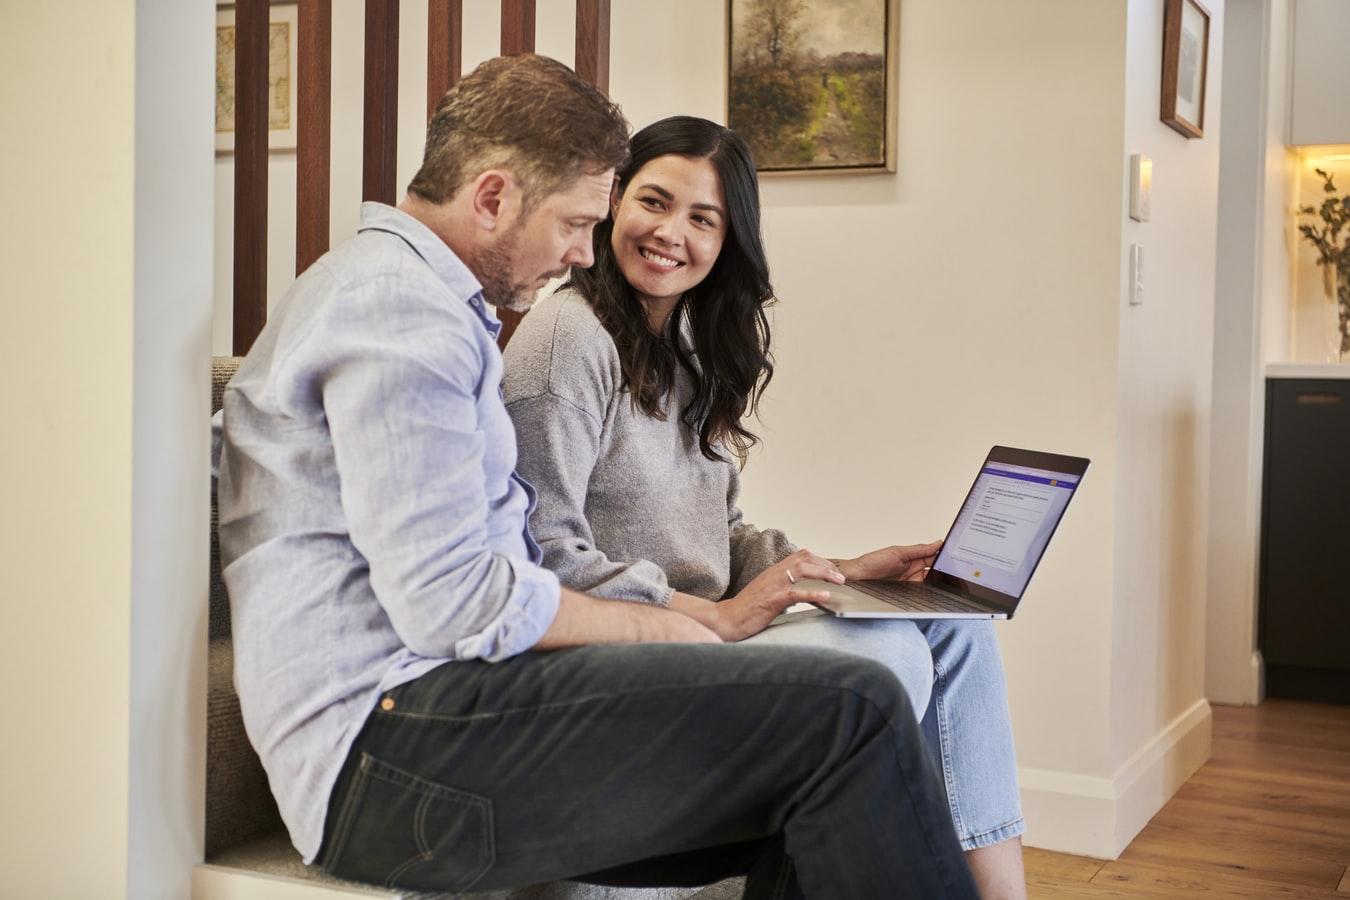 Contenido asociado: ¿Abrir una franquicia inmobiliaria o montar una inmobiliaria por tu cuenta?   Autor del artículo: Finanzas.com